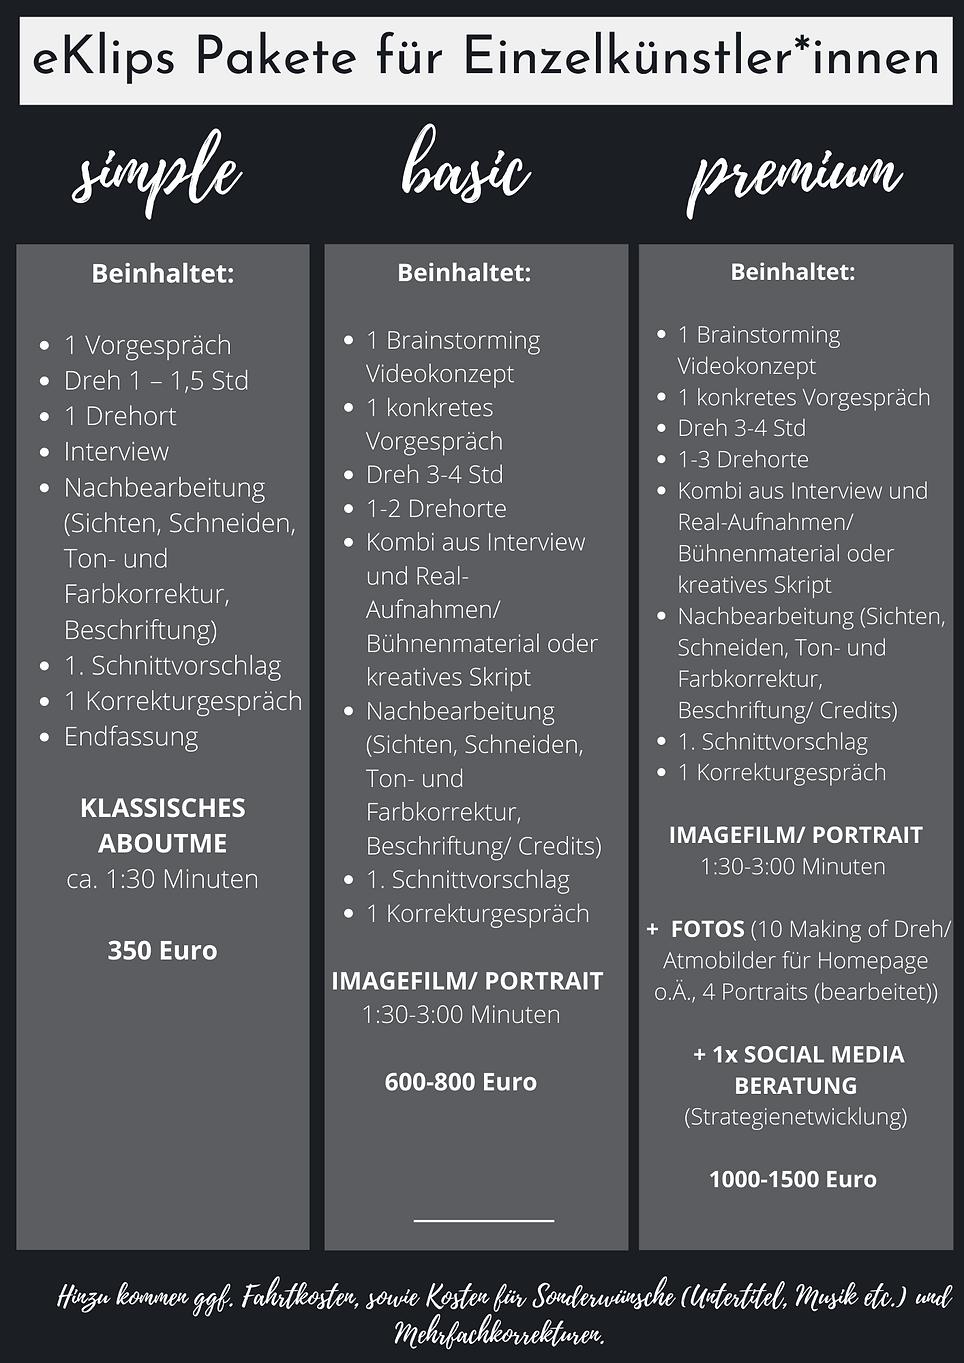 EKLIPS PAKETE_Einzelkünstler_innen.png